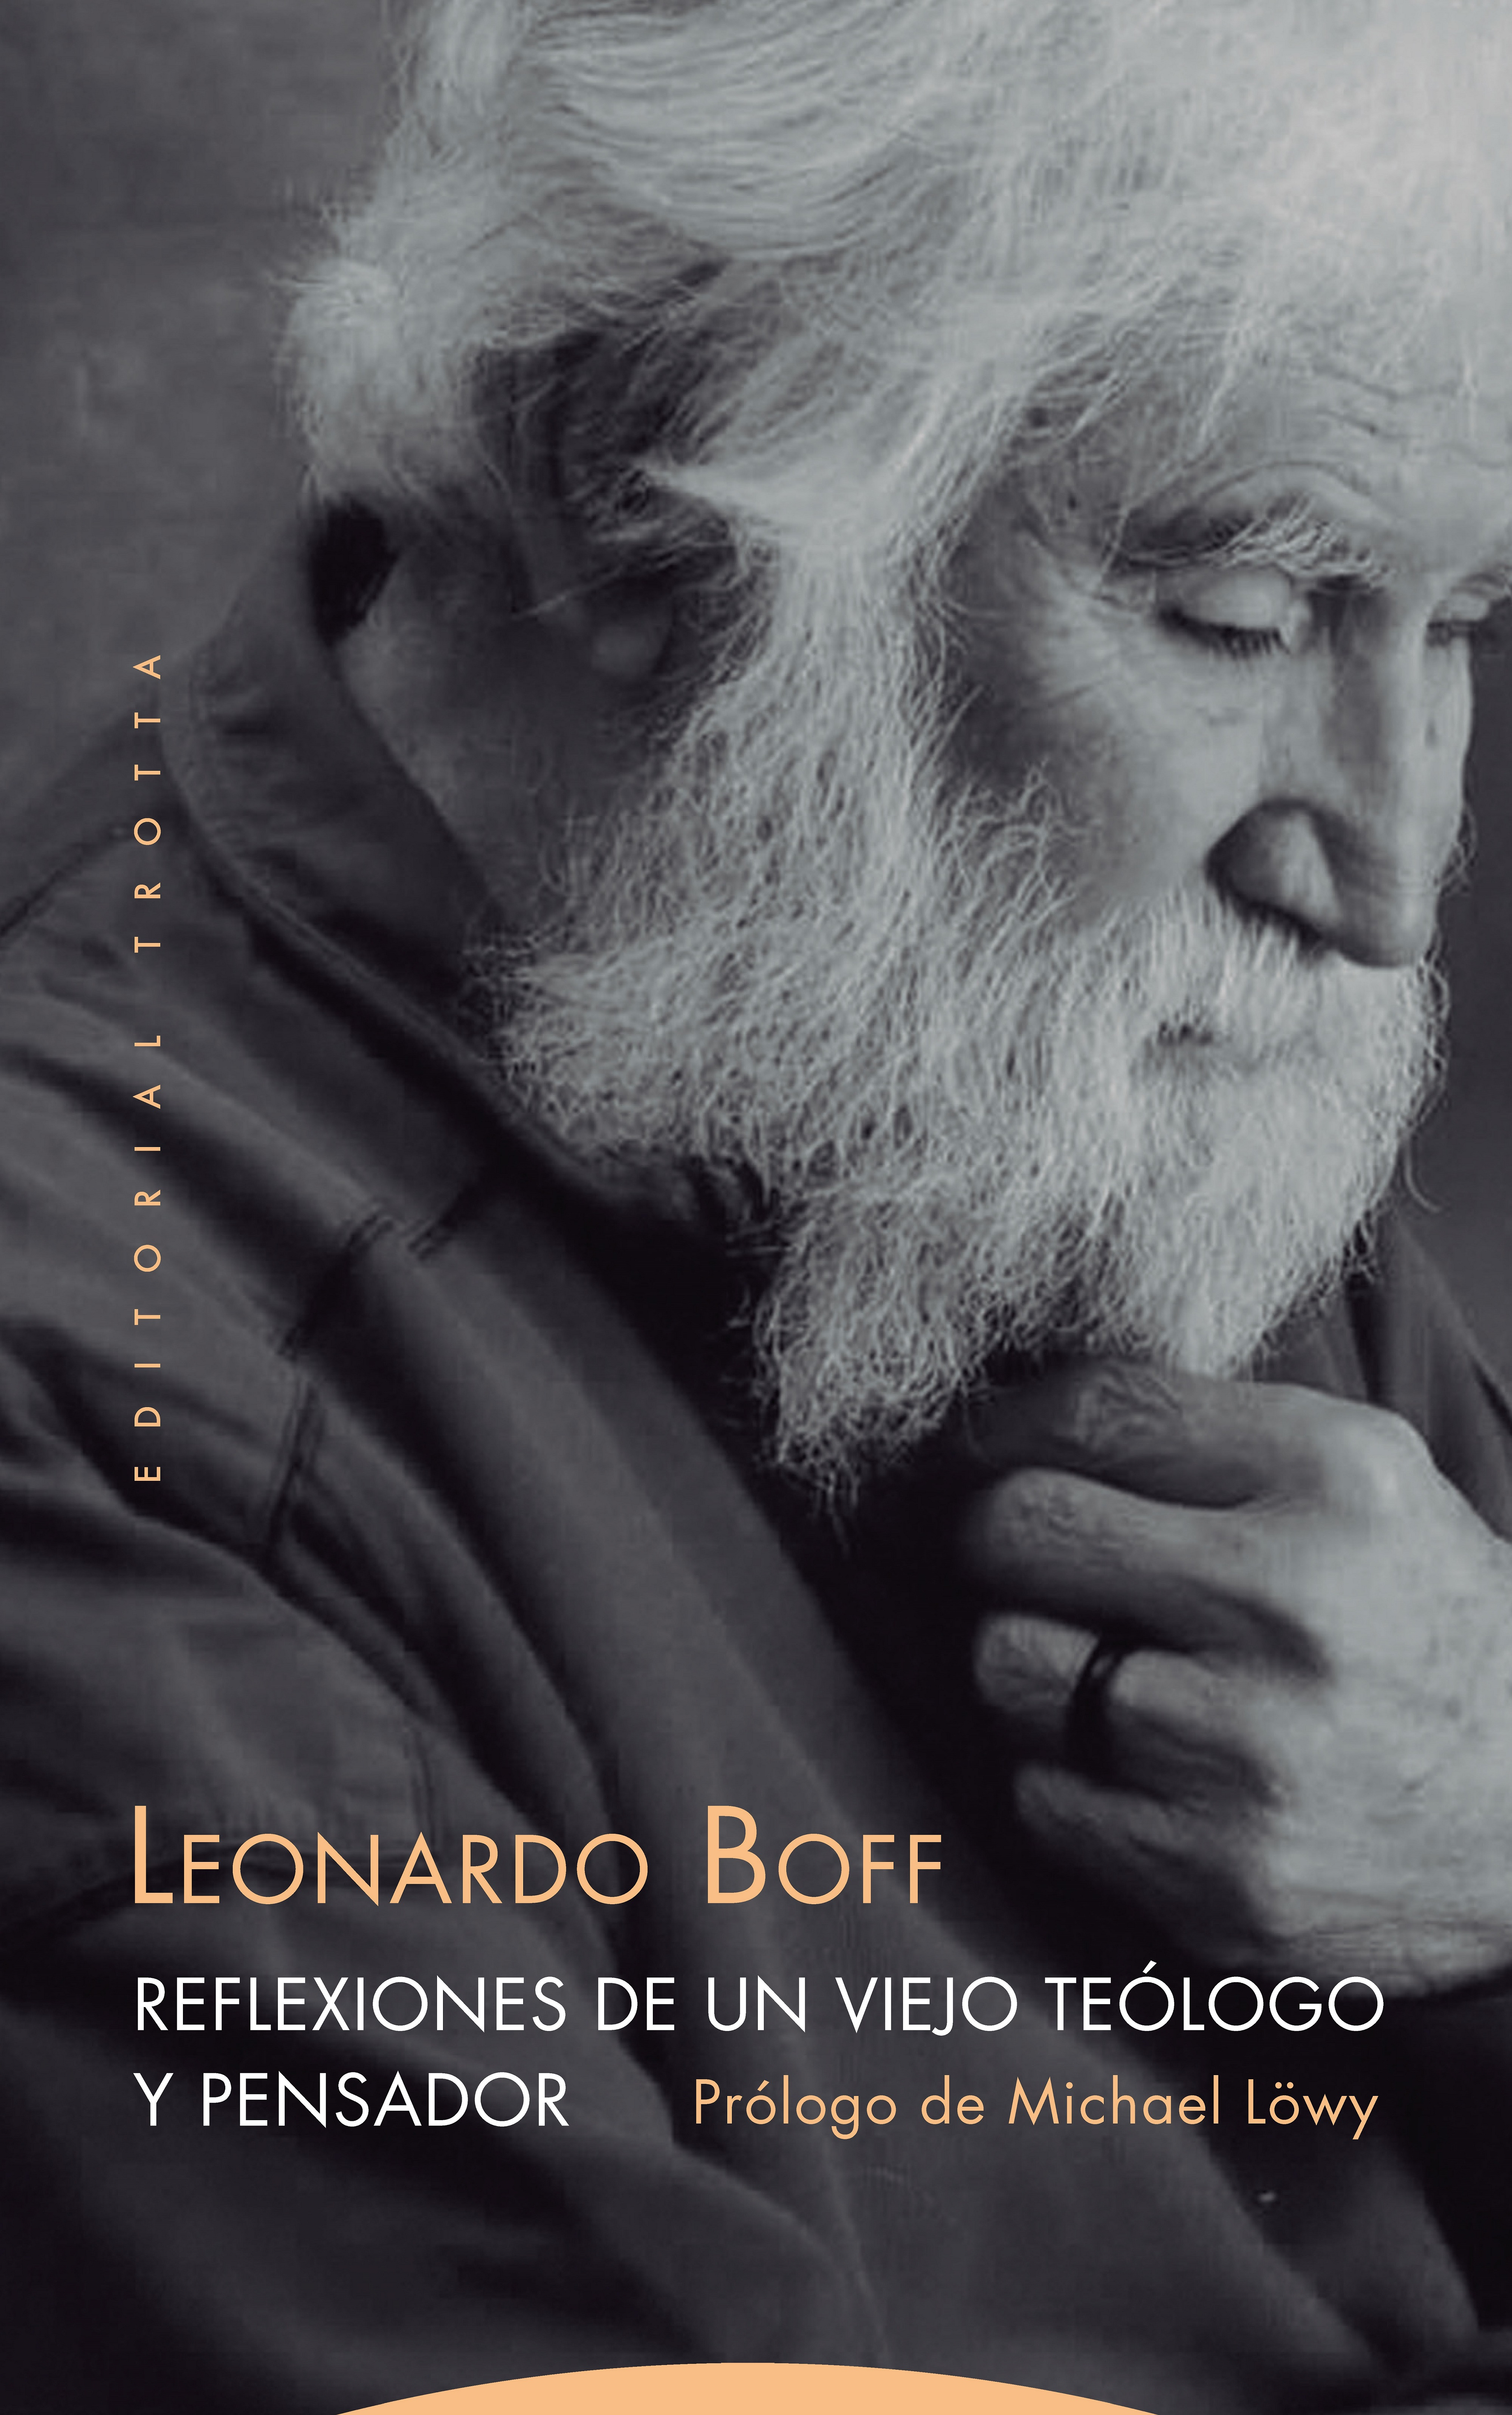 Leonardo Boff Reflexiones de un viejo teólogo y pensador